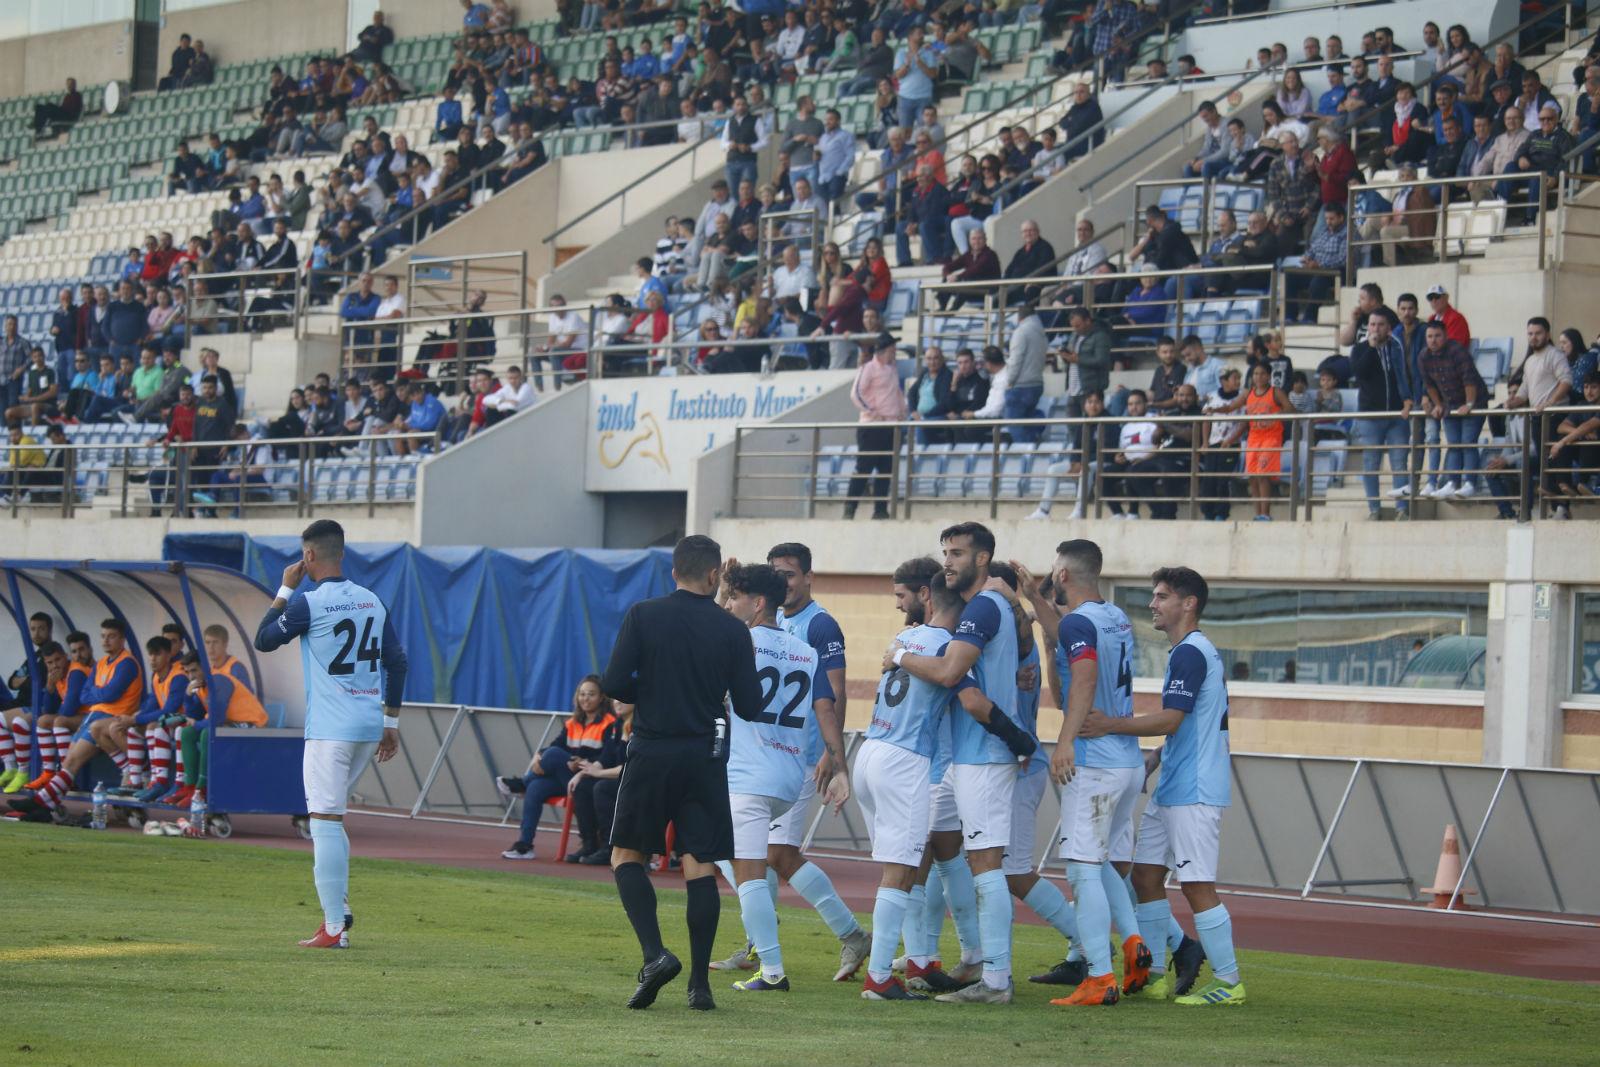 El CD El Ejido condena las conductas violentas en los campos de fútbol